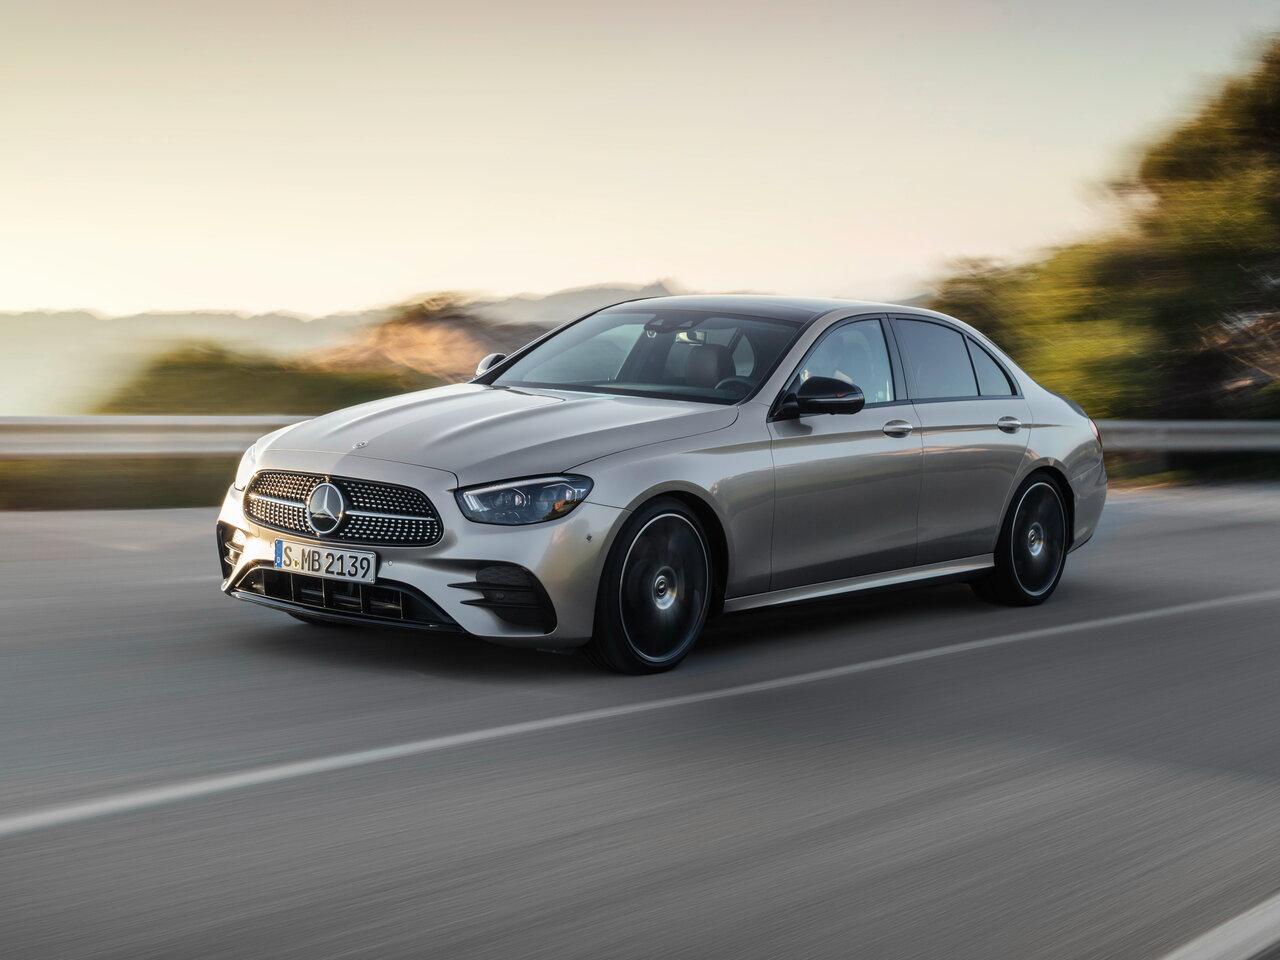 Mercedes-Benz E-Класс: технические характеристики, поколения, фото | Комплектации и цены Мерседес-Бенц Е-класс